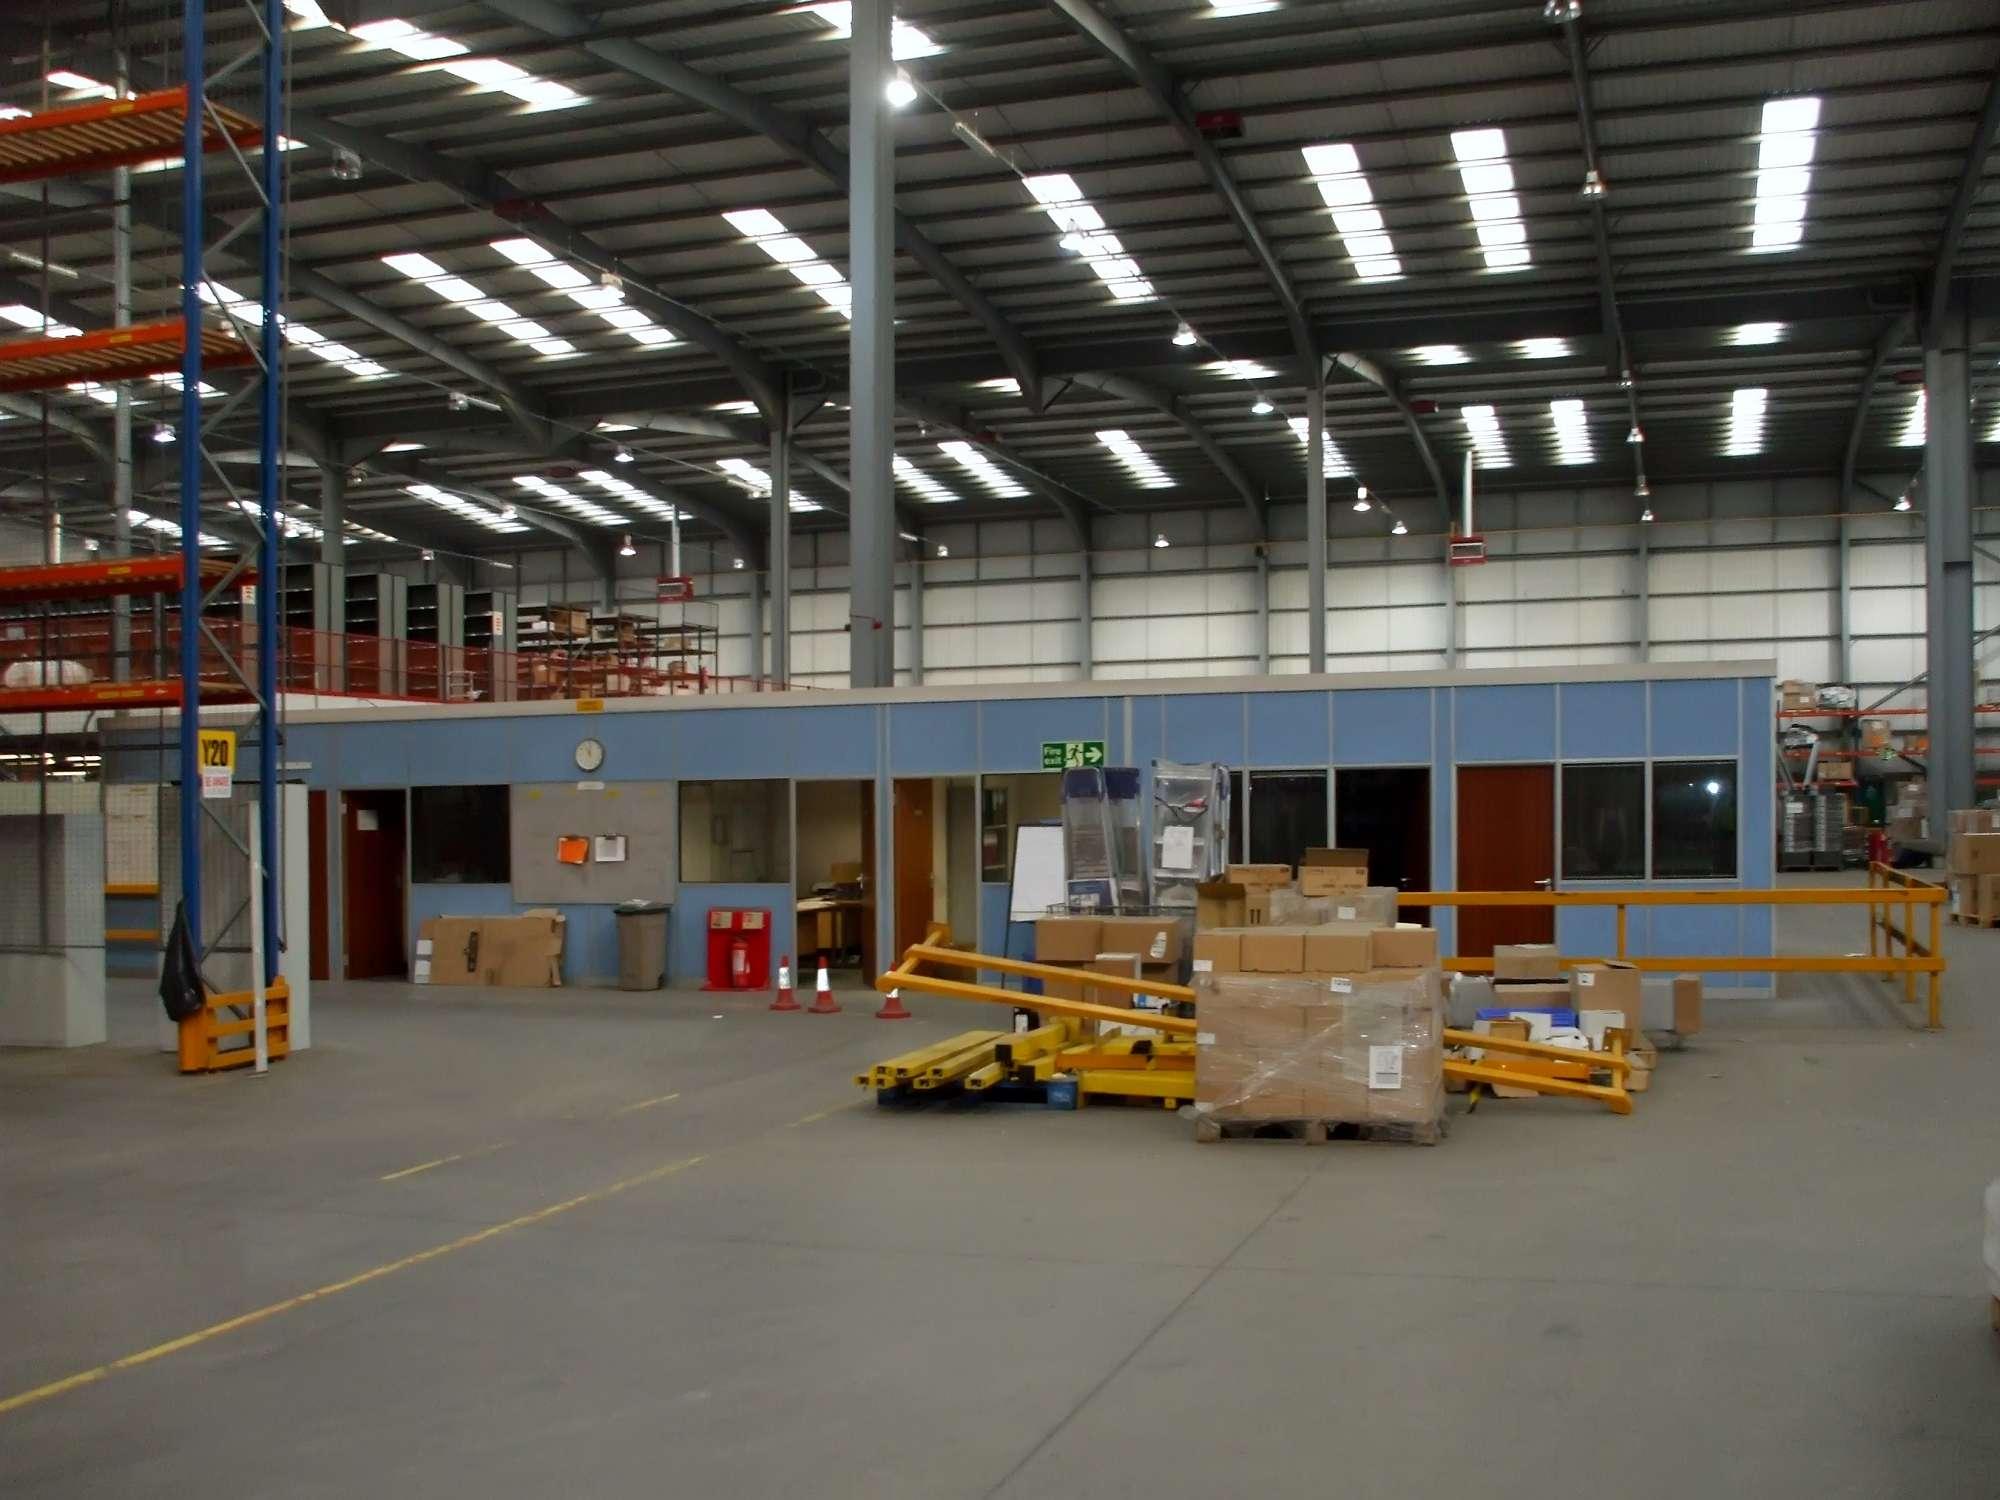 Work in progress: making an office in an aircraft hangar